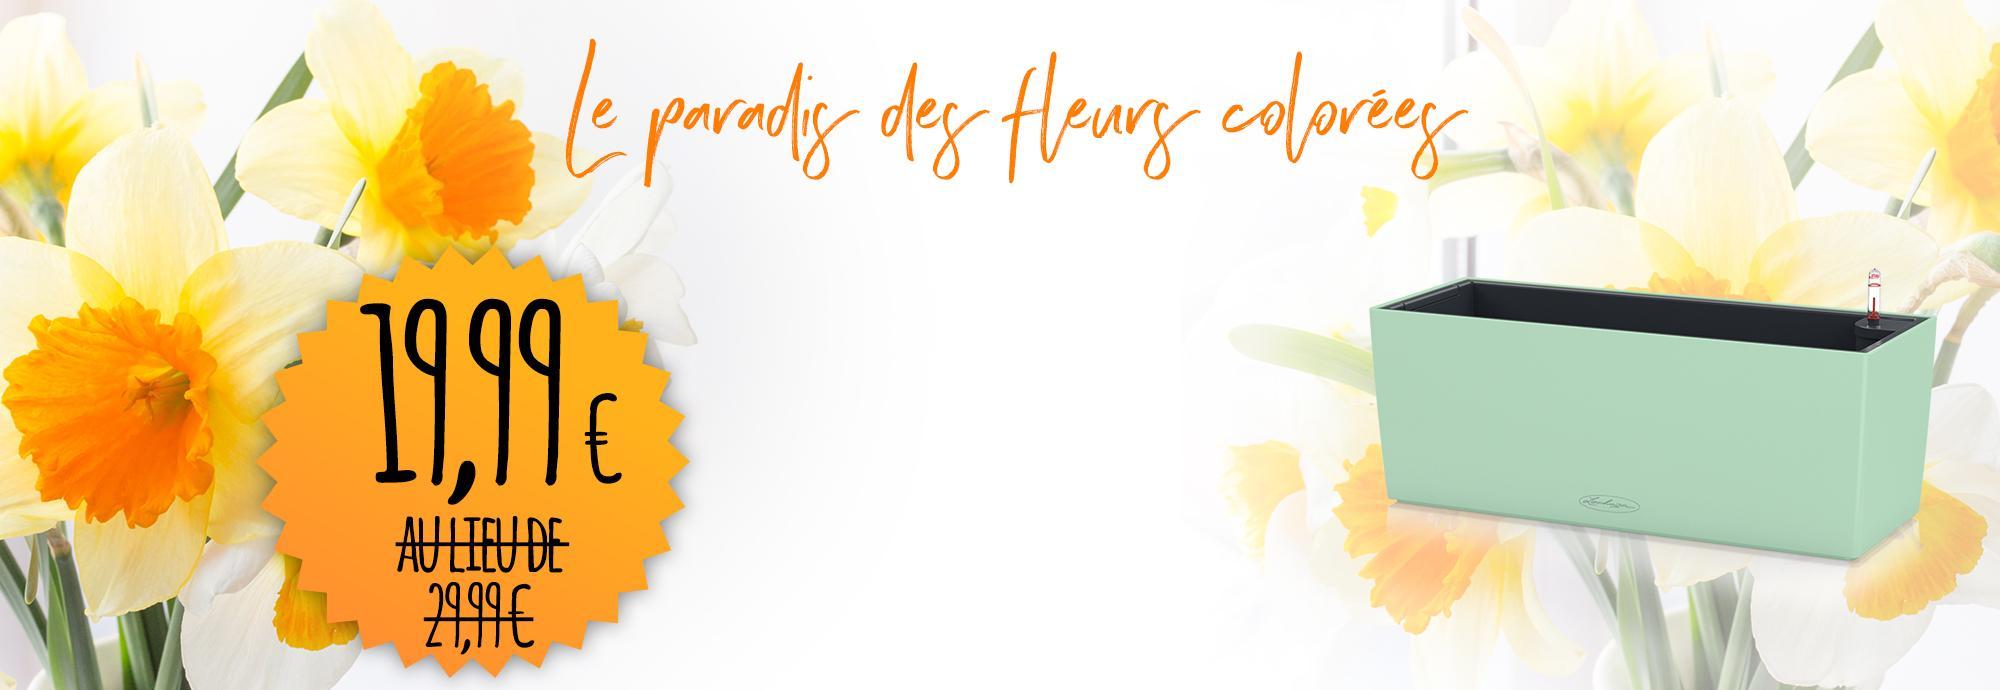 'Colorez votre intérieur avec BALCONERA: 19